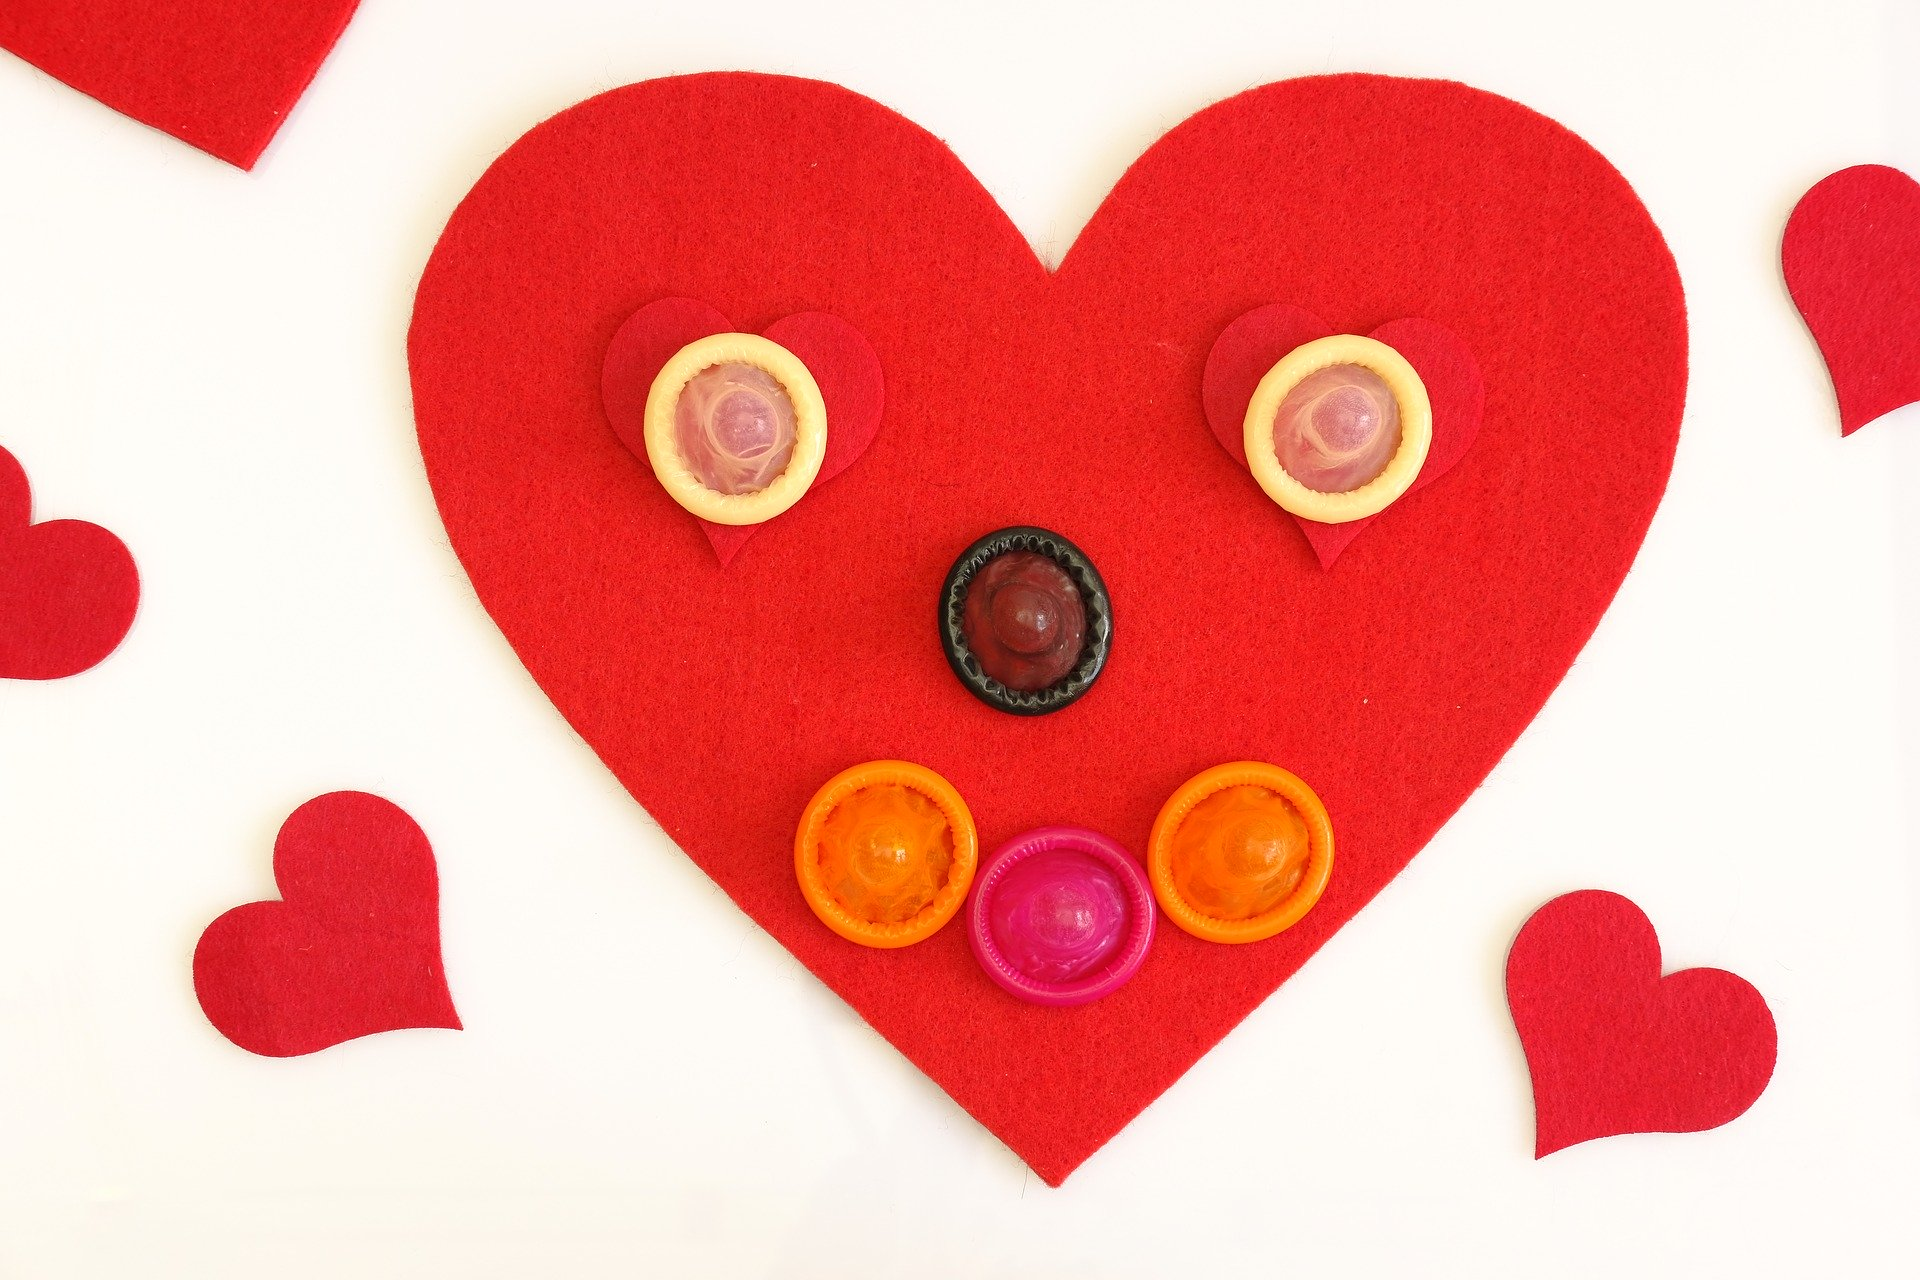 Bild eines roten Herzens mit Kondomen drauf